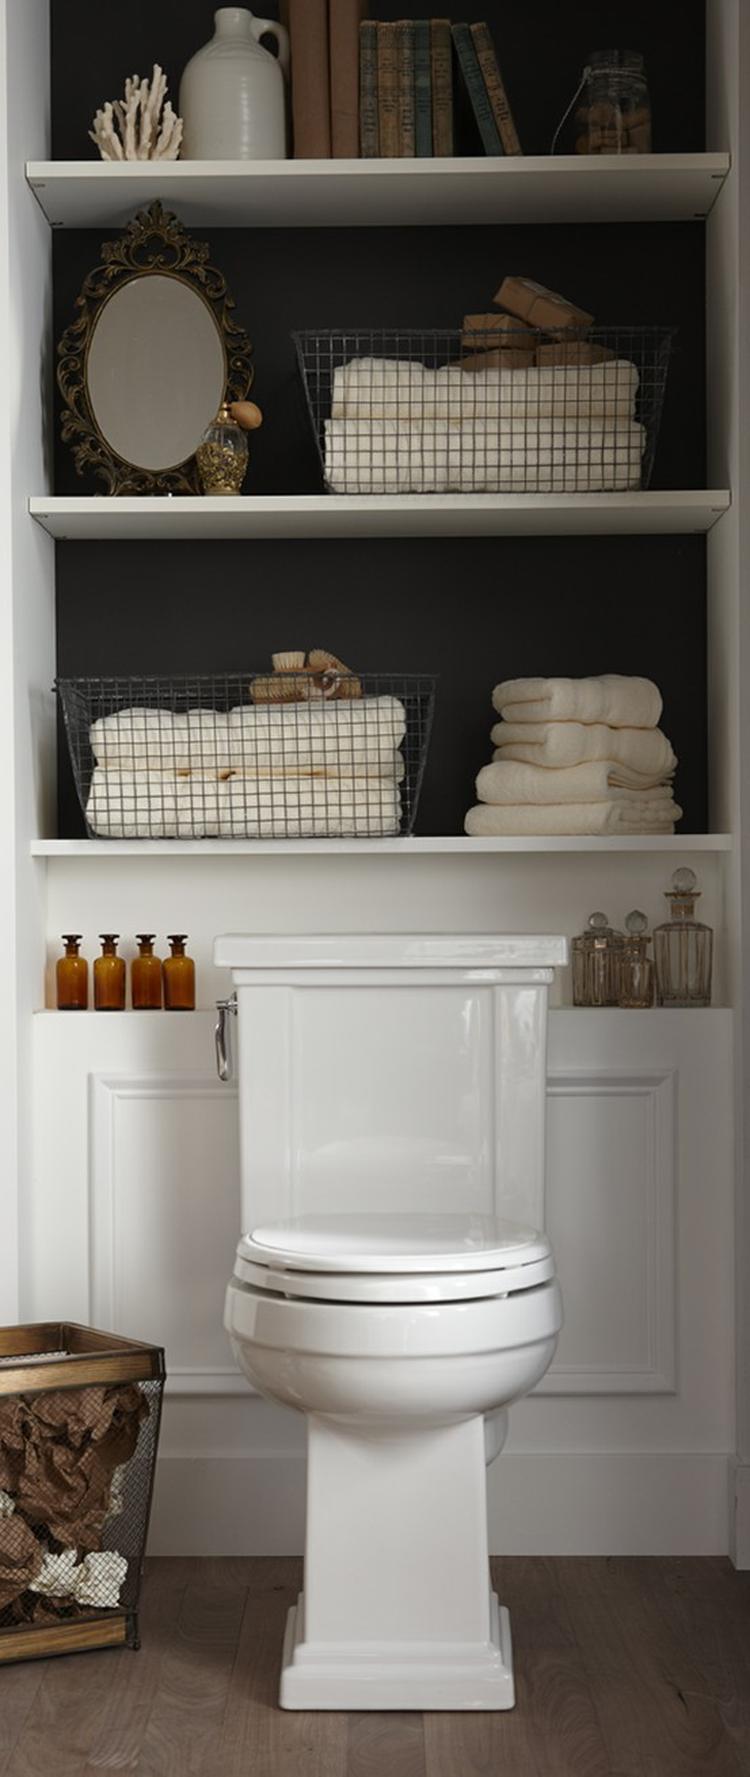 Gezellige inrichting van wc/badkamer. Foto geplaatst door liesz op ...